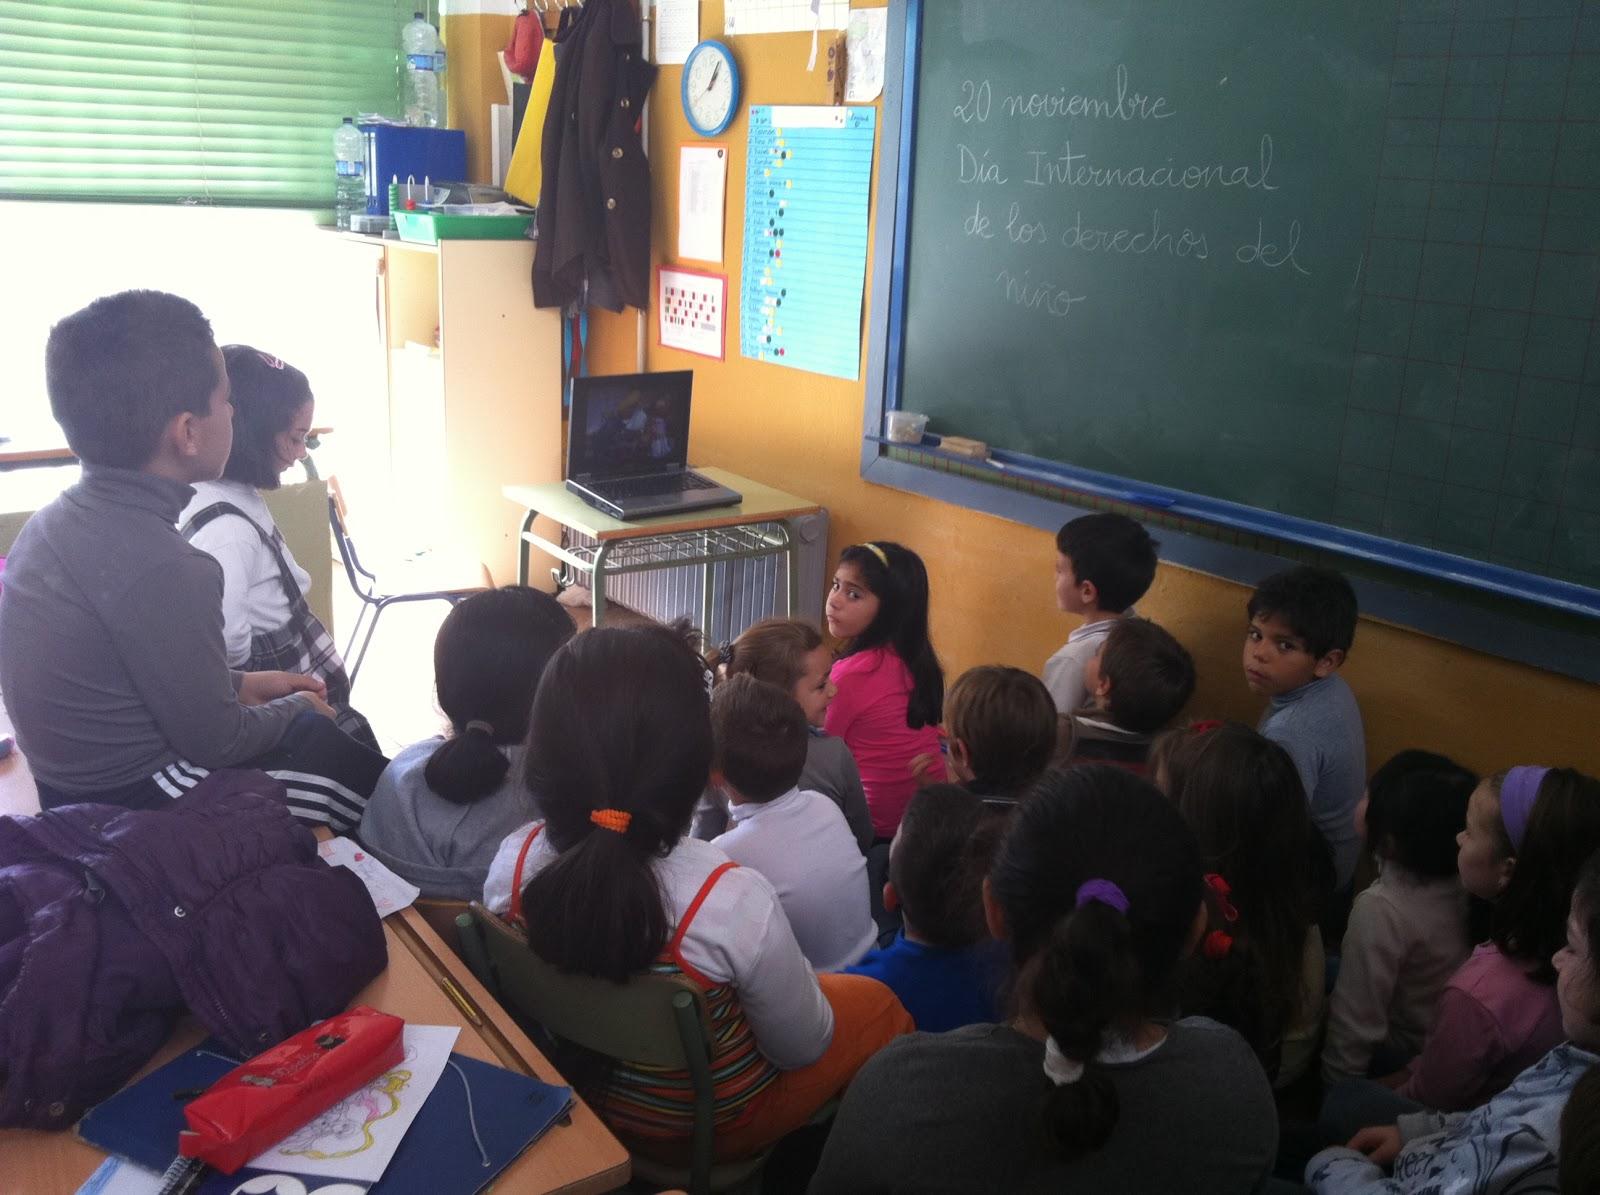 Plastilina Y Lápiz 20 De Noviembre Día De Los Derechos: ¡Quiero Saber Más!: Noviembre 2011